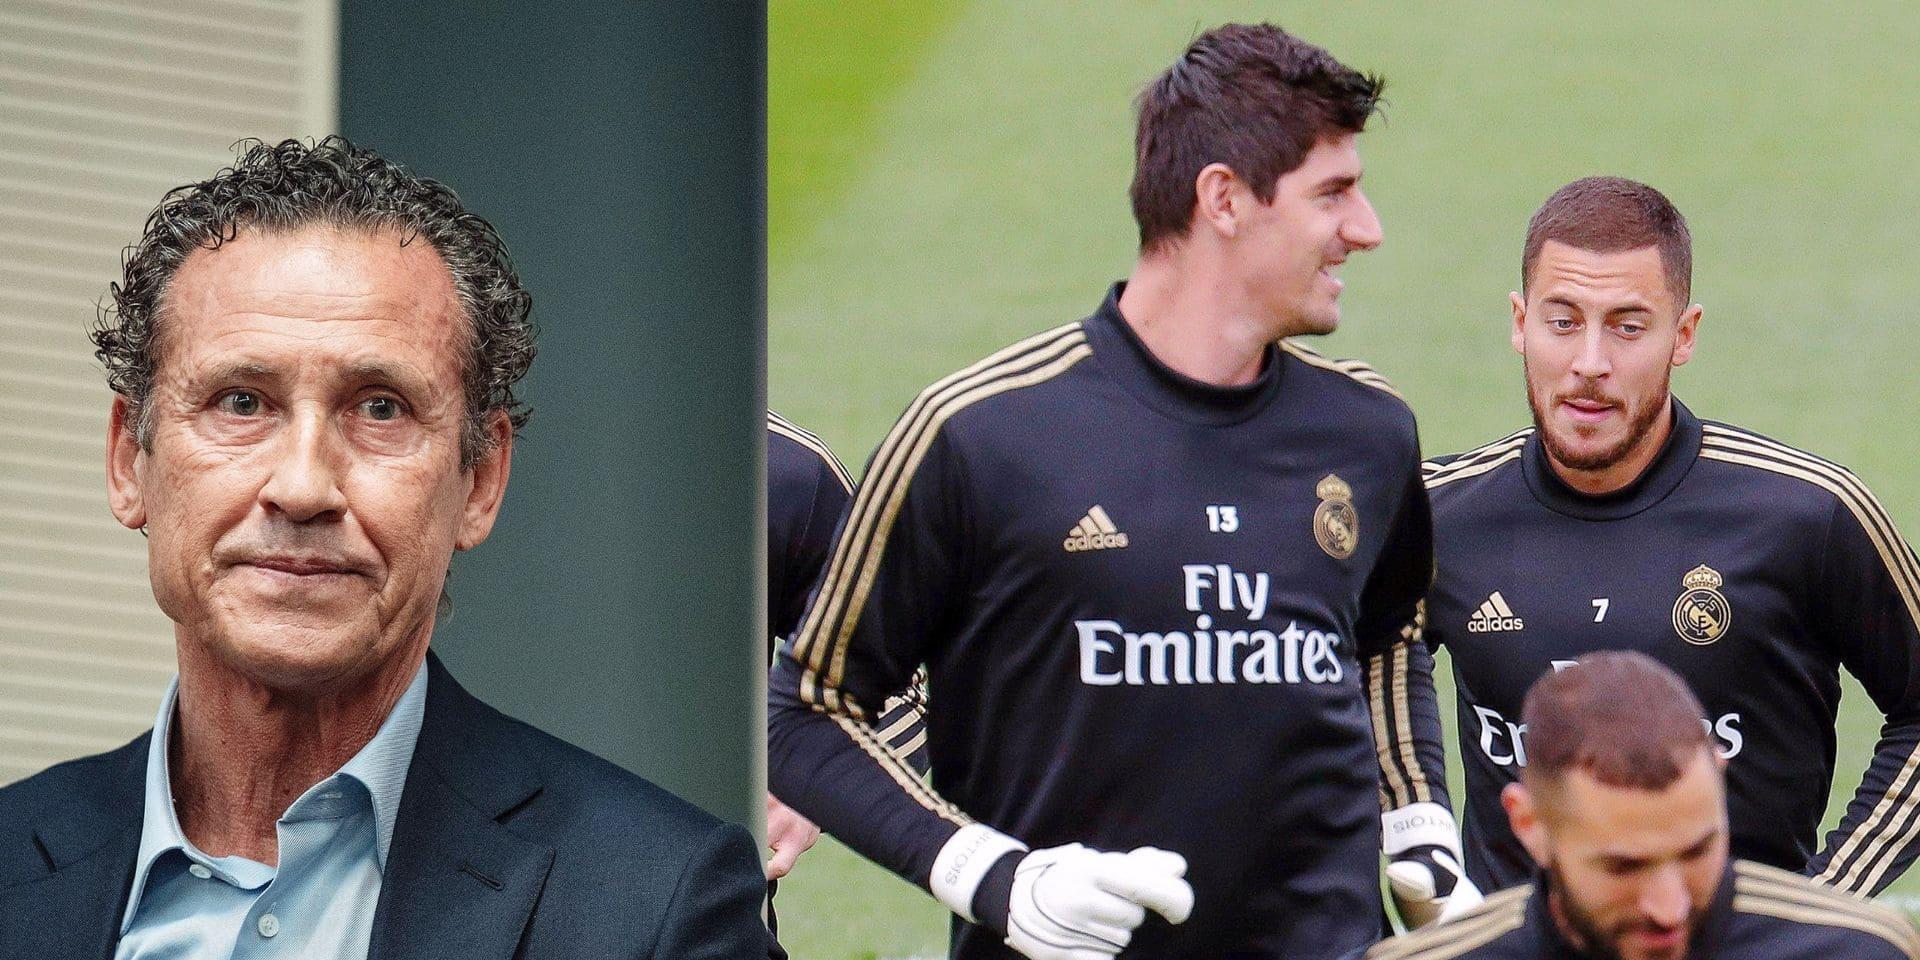 """Jorge Valdano s'exprime sur le capitaine des Diables: """"Hazard a tout pour être la prochaine légende du Real"""""""